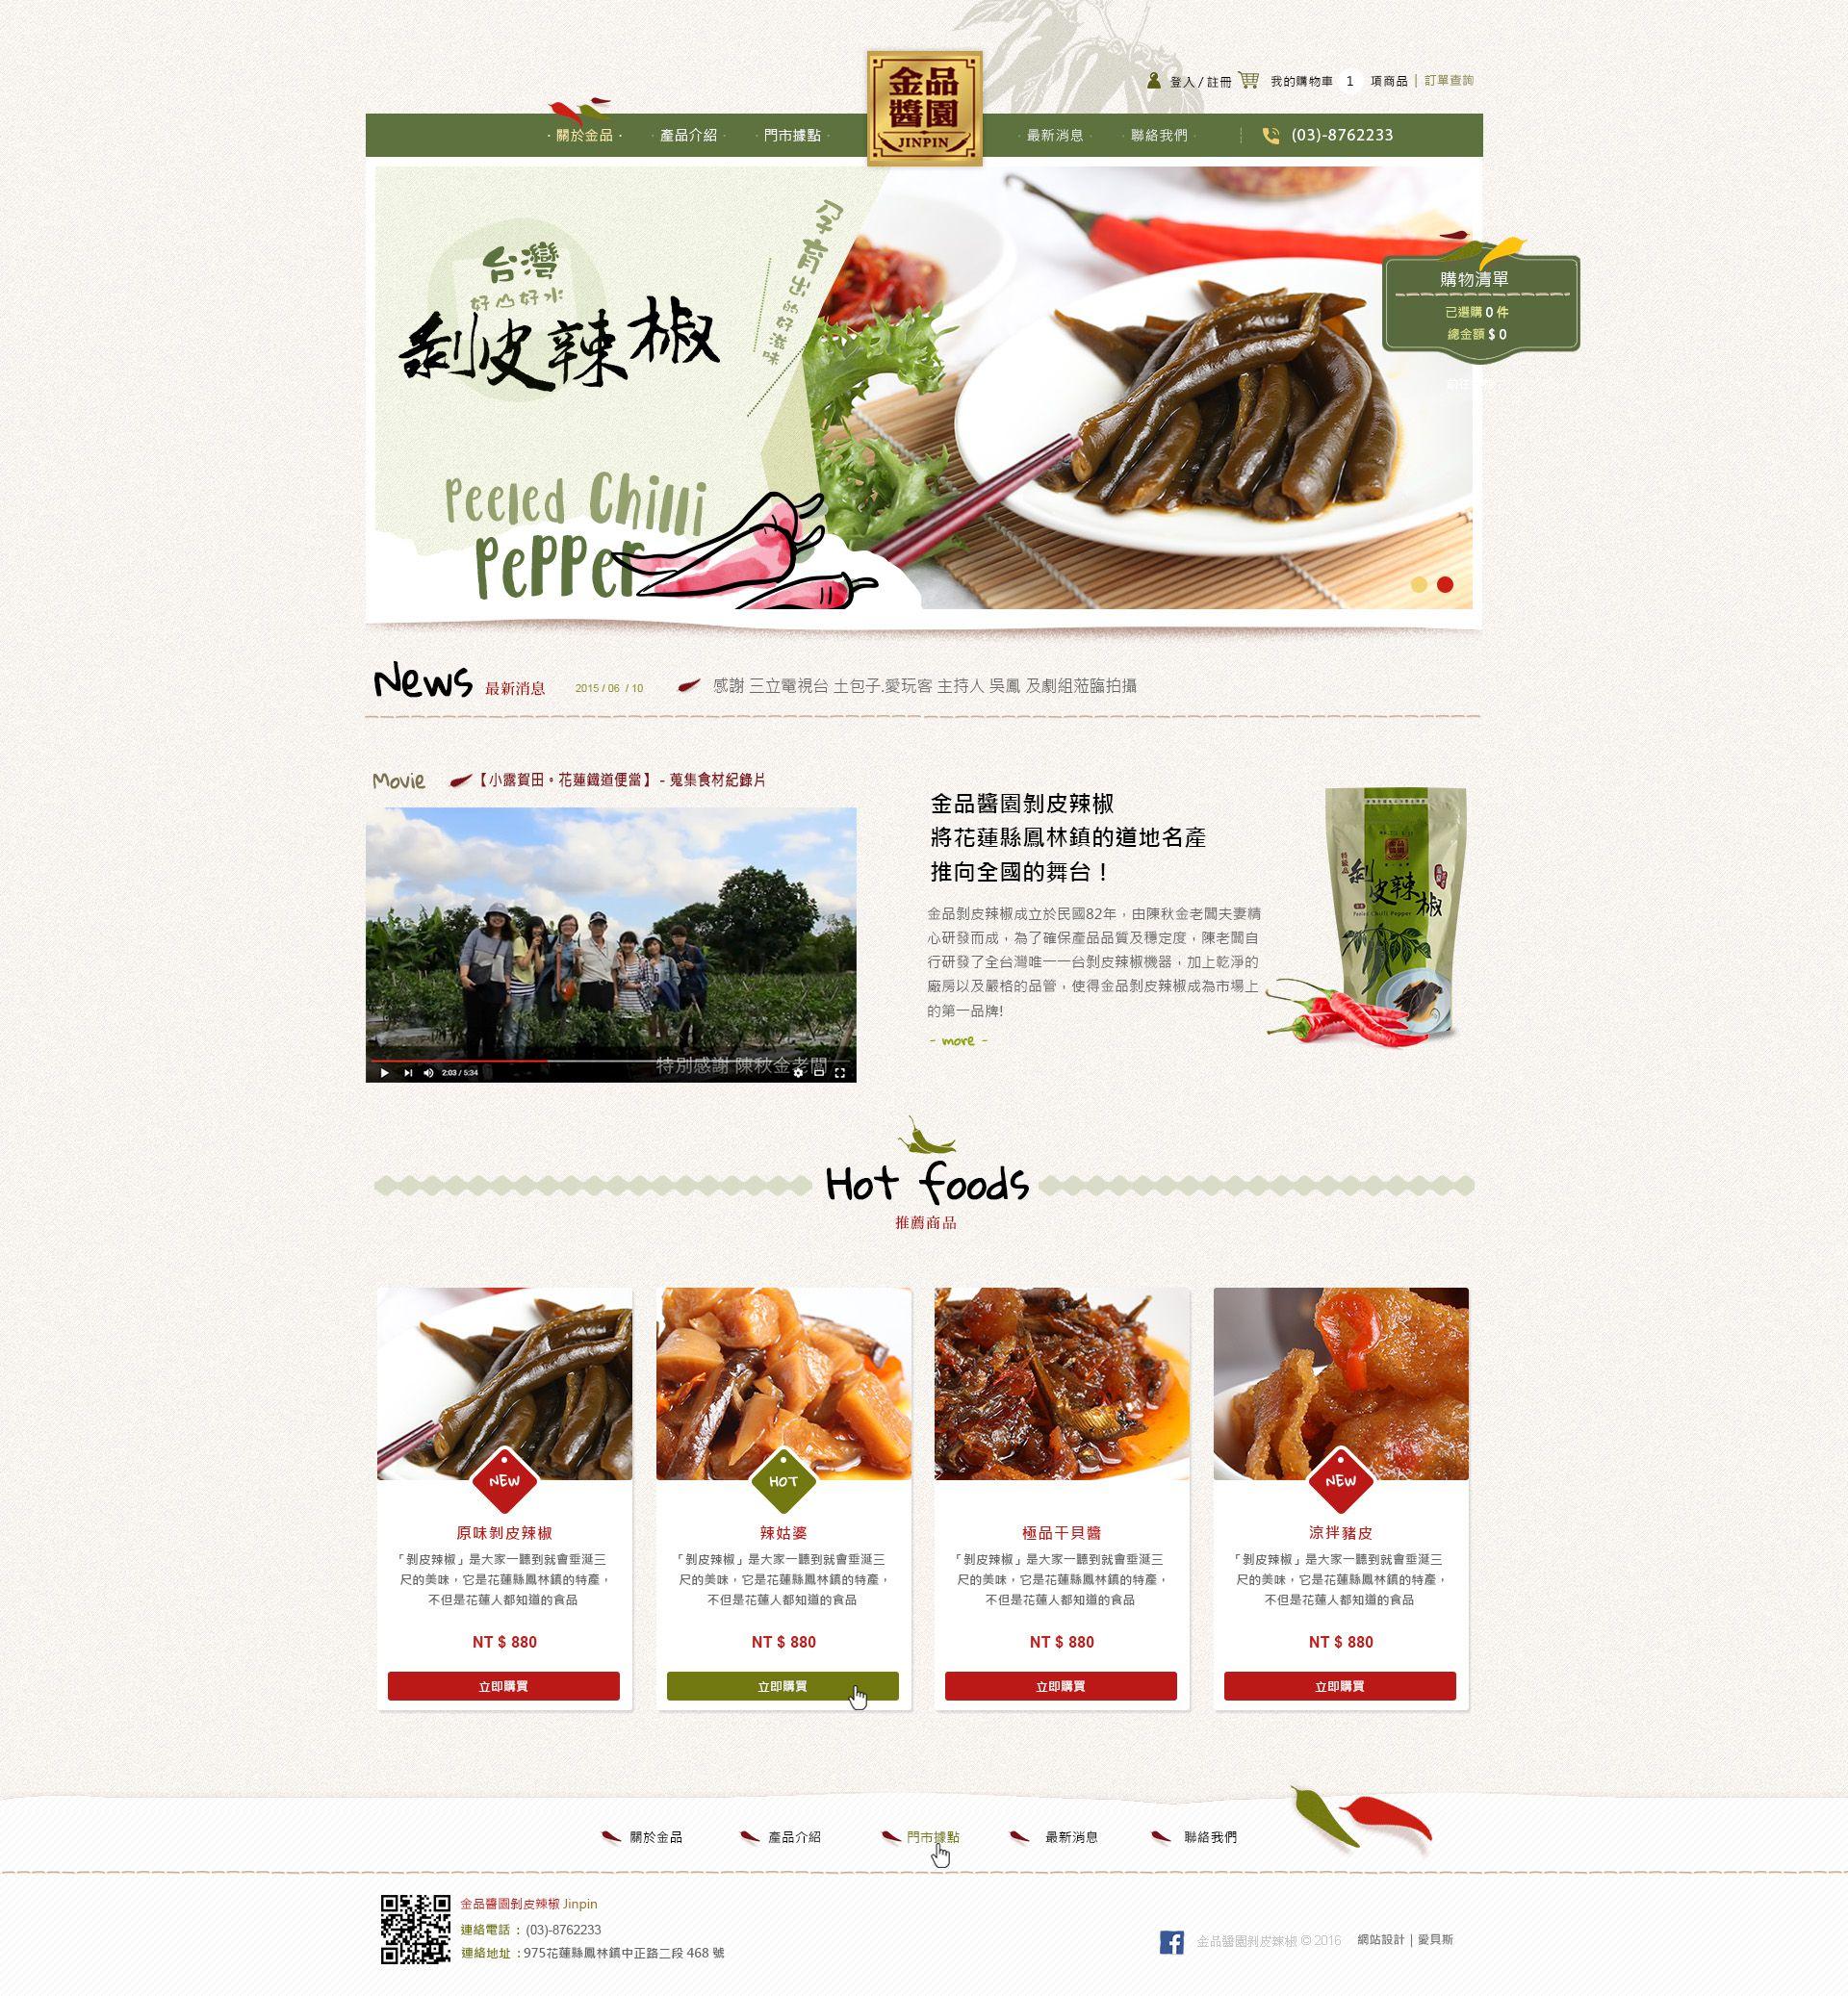 金品醬園剝皮辣椒-網頁設計